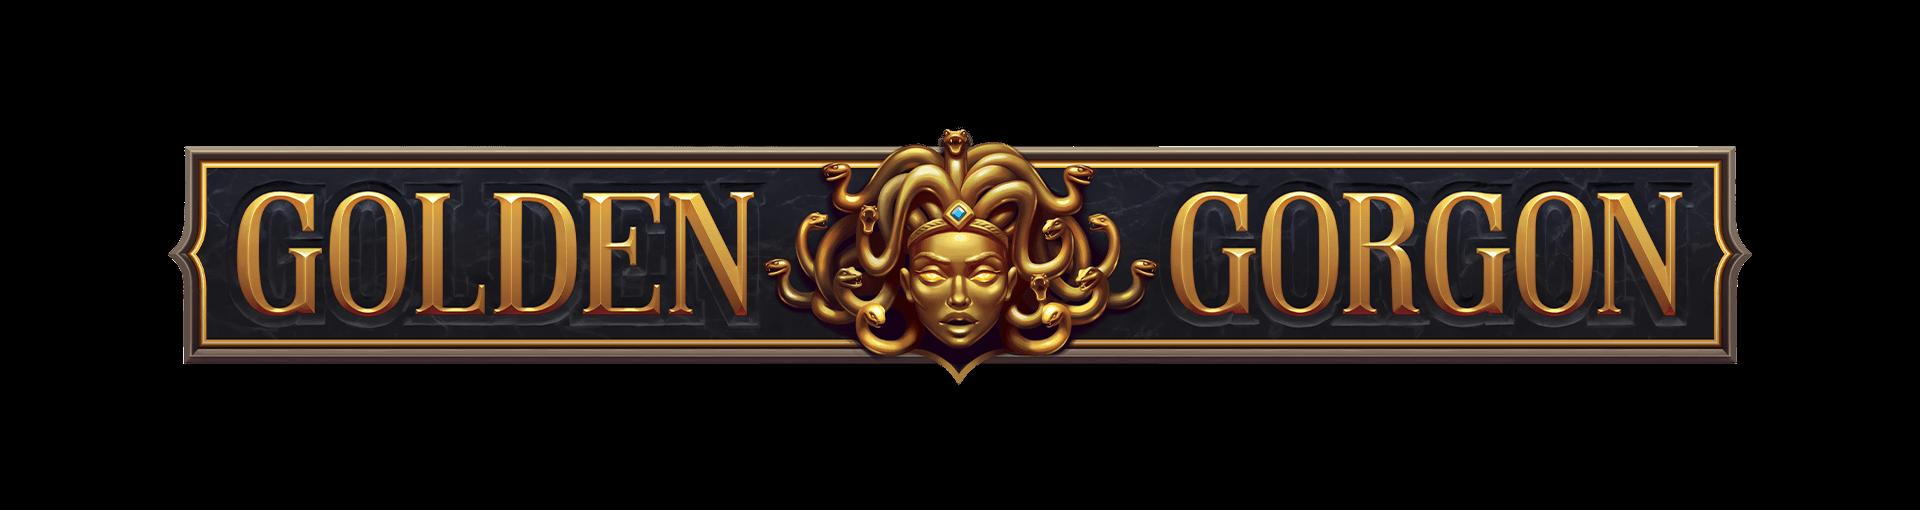 golden_gorgon_Yggdrasil-UpcomingGame-Logo-Template-1920x510px